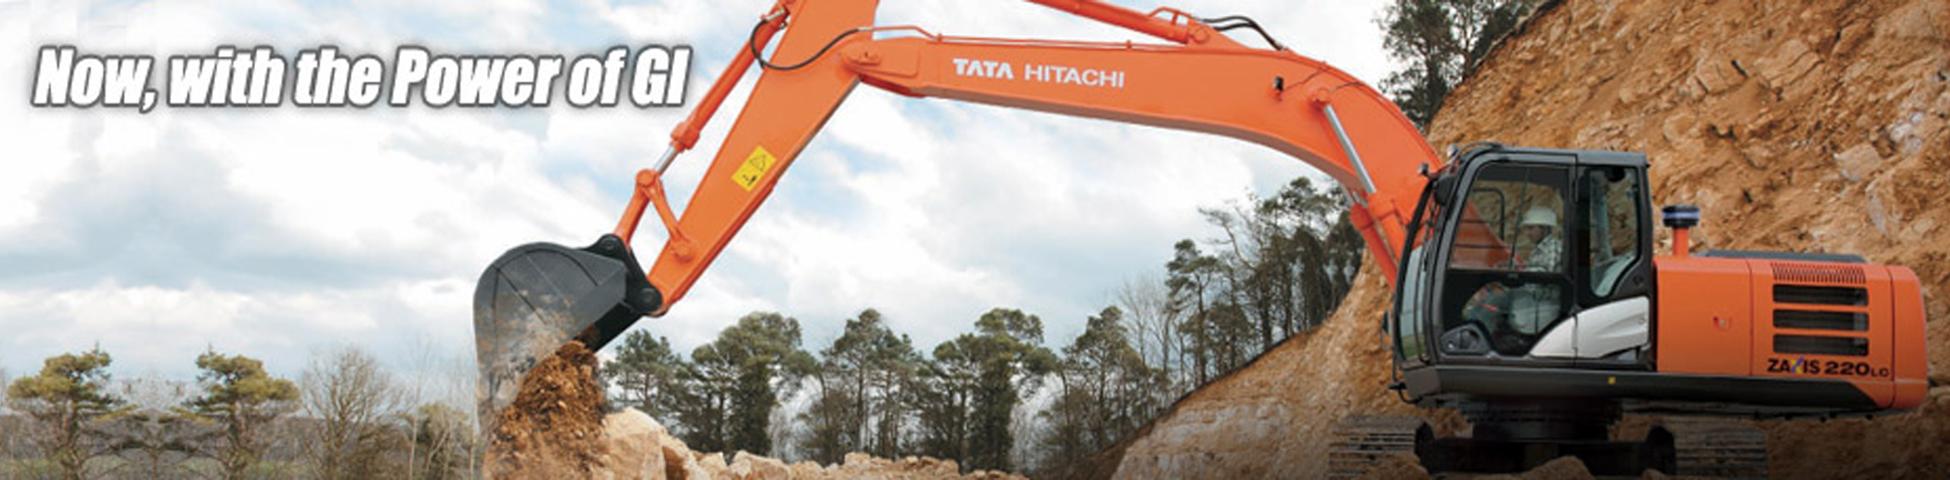 Tata-Hitachi